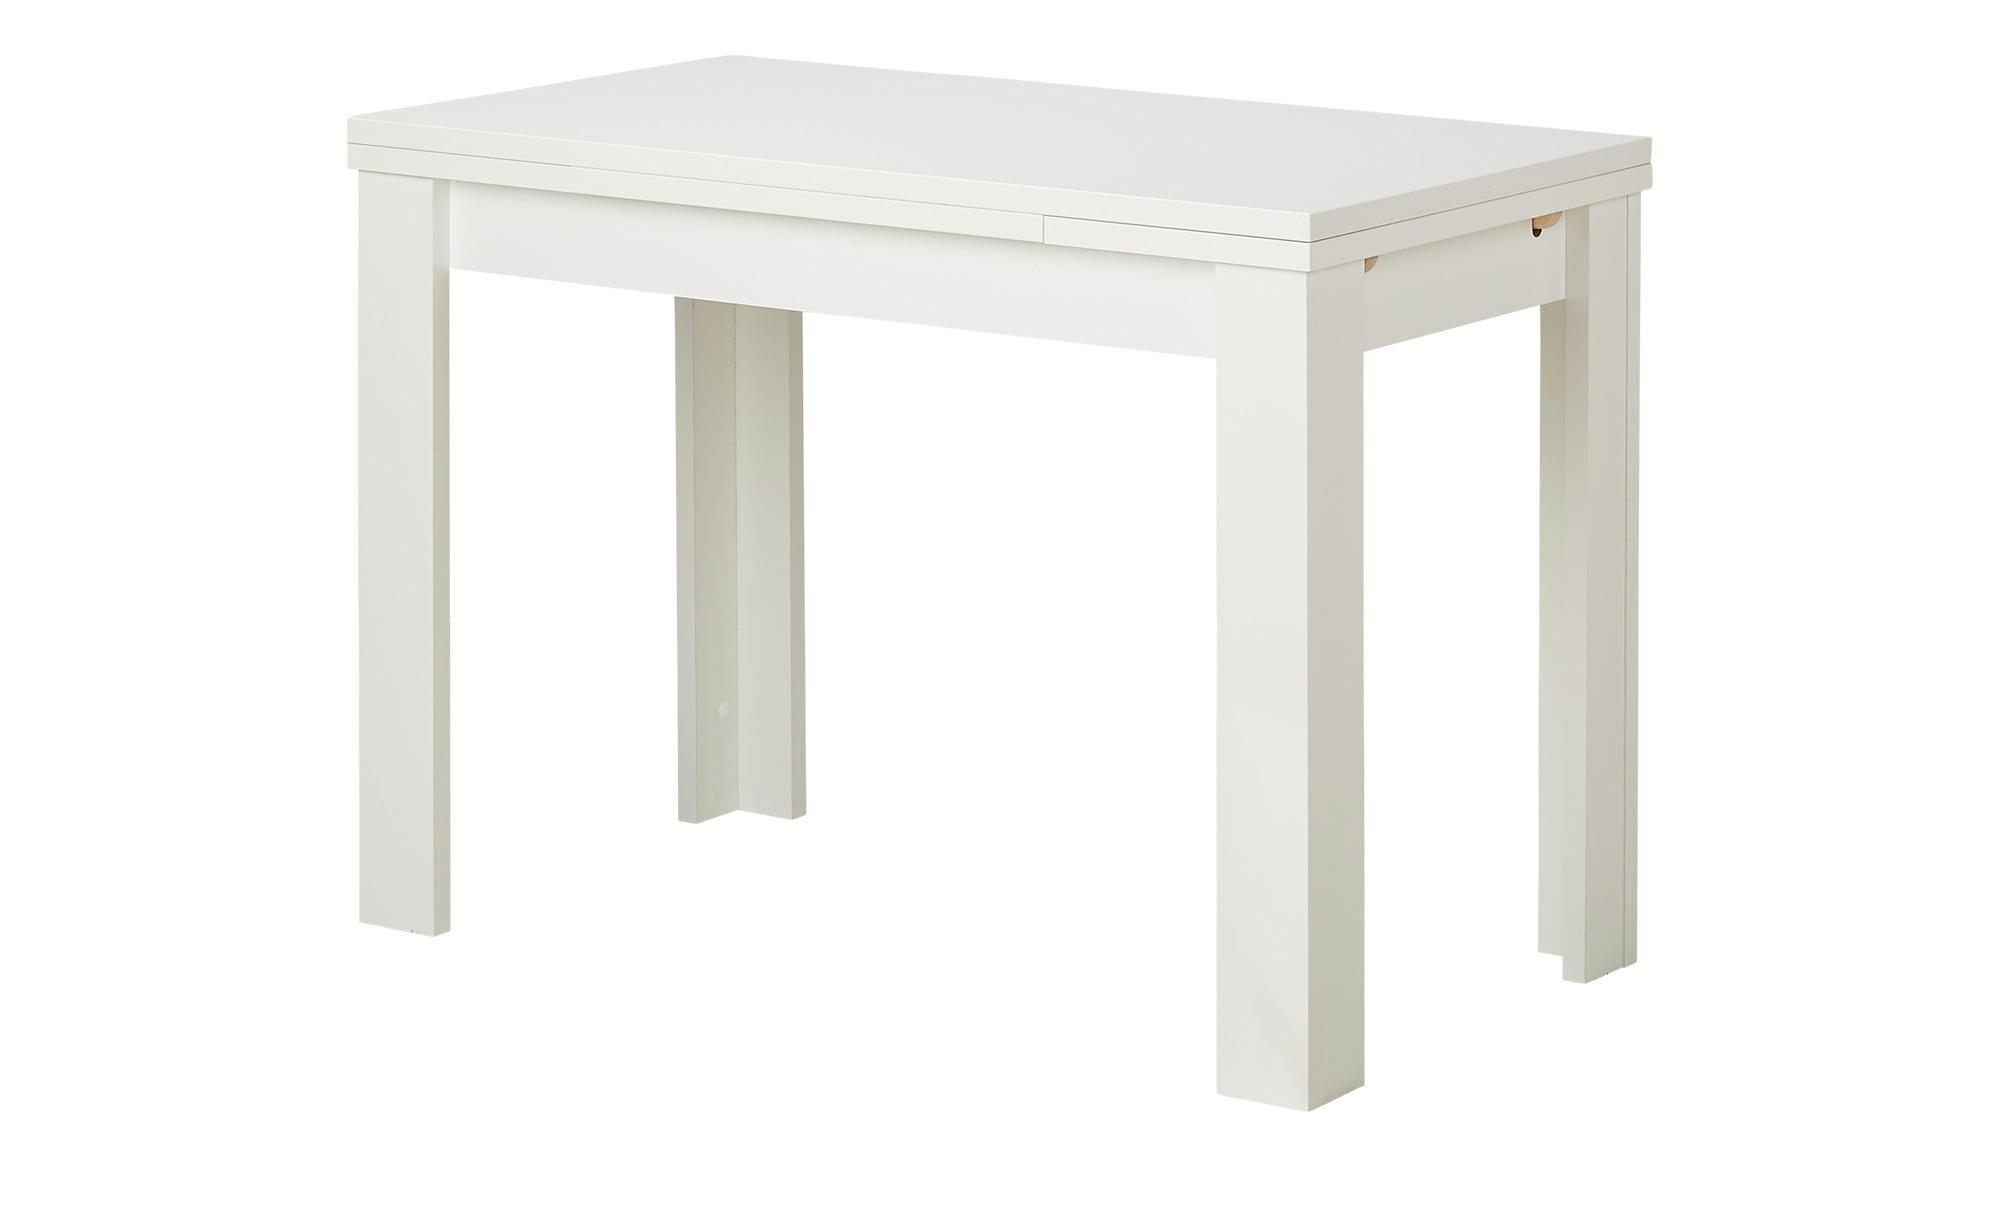 Esstisch  FleX ¦ weiß ¦ Maße (cm): B: 60 H: 78 Tische > Esstische > Esstische ausziehbar - Höffner